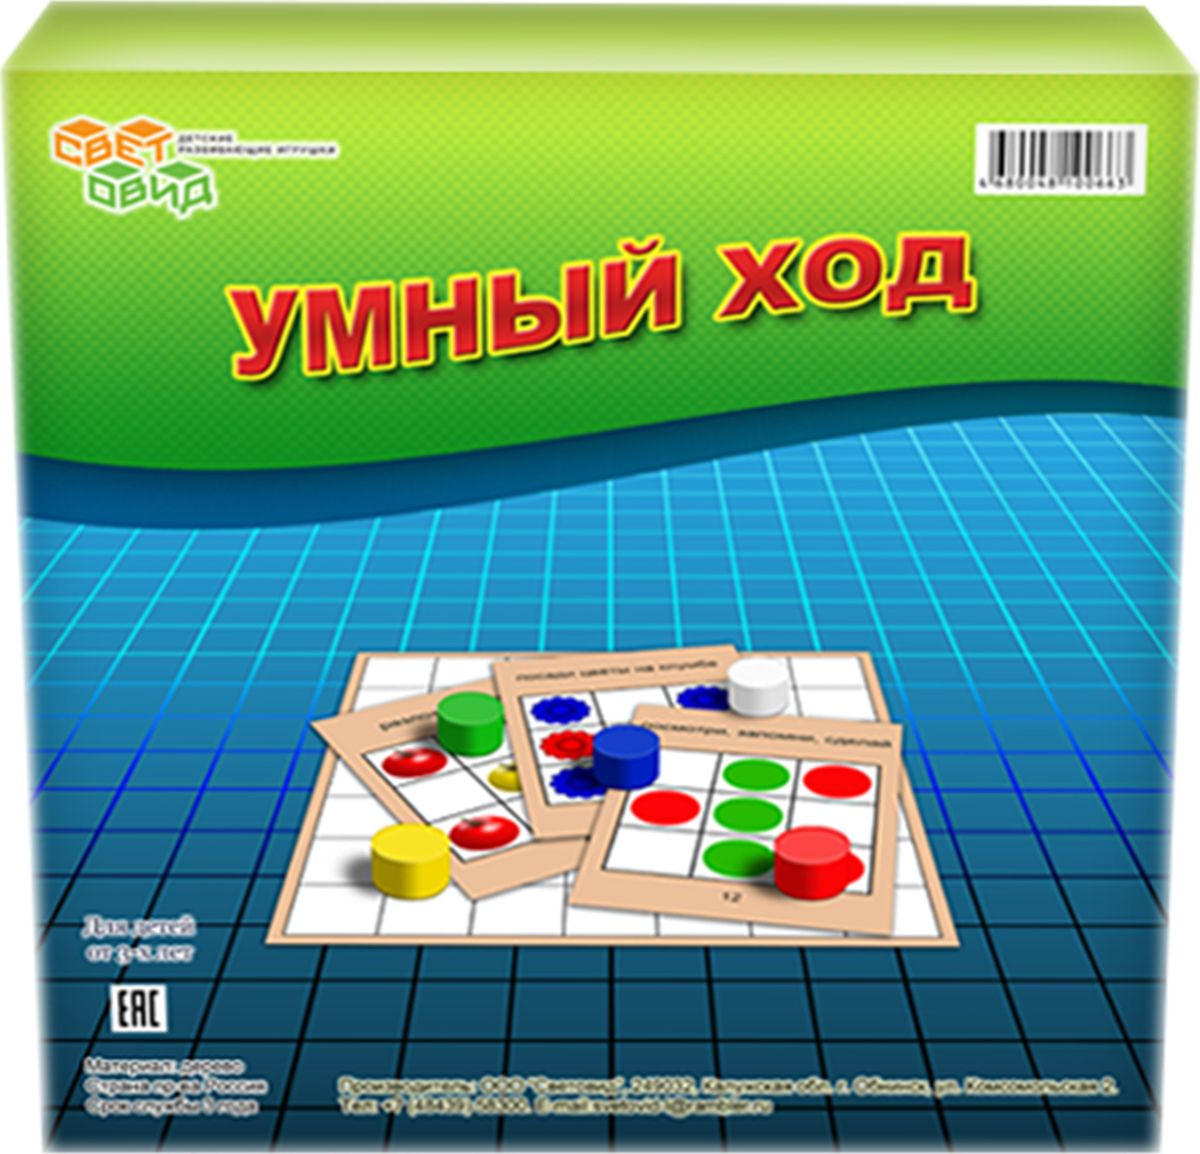 Световид Обучающая игра Умный ход корвет обучающая игра удивляйка 1